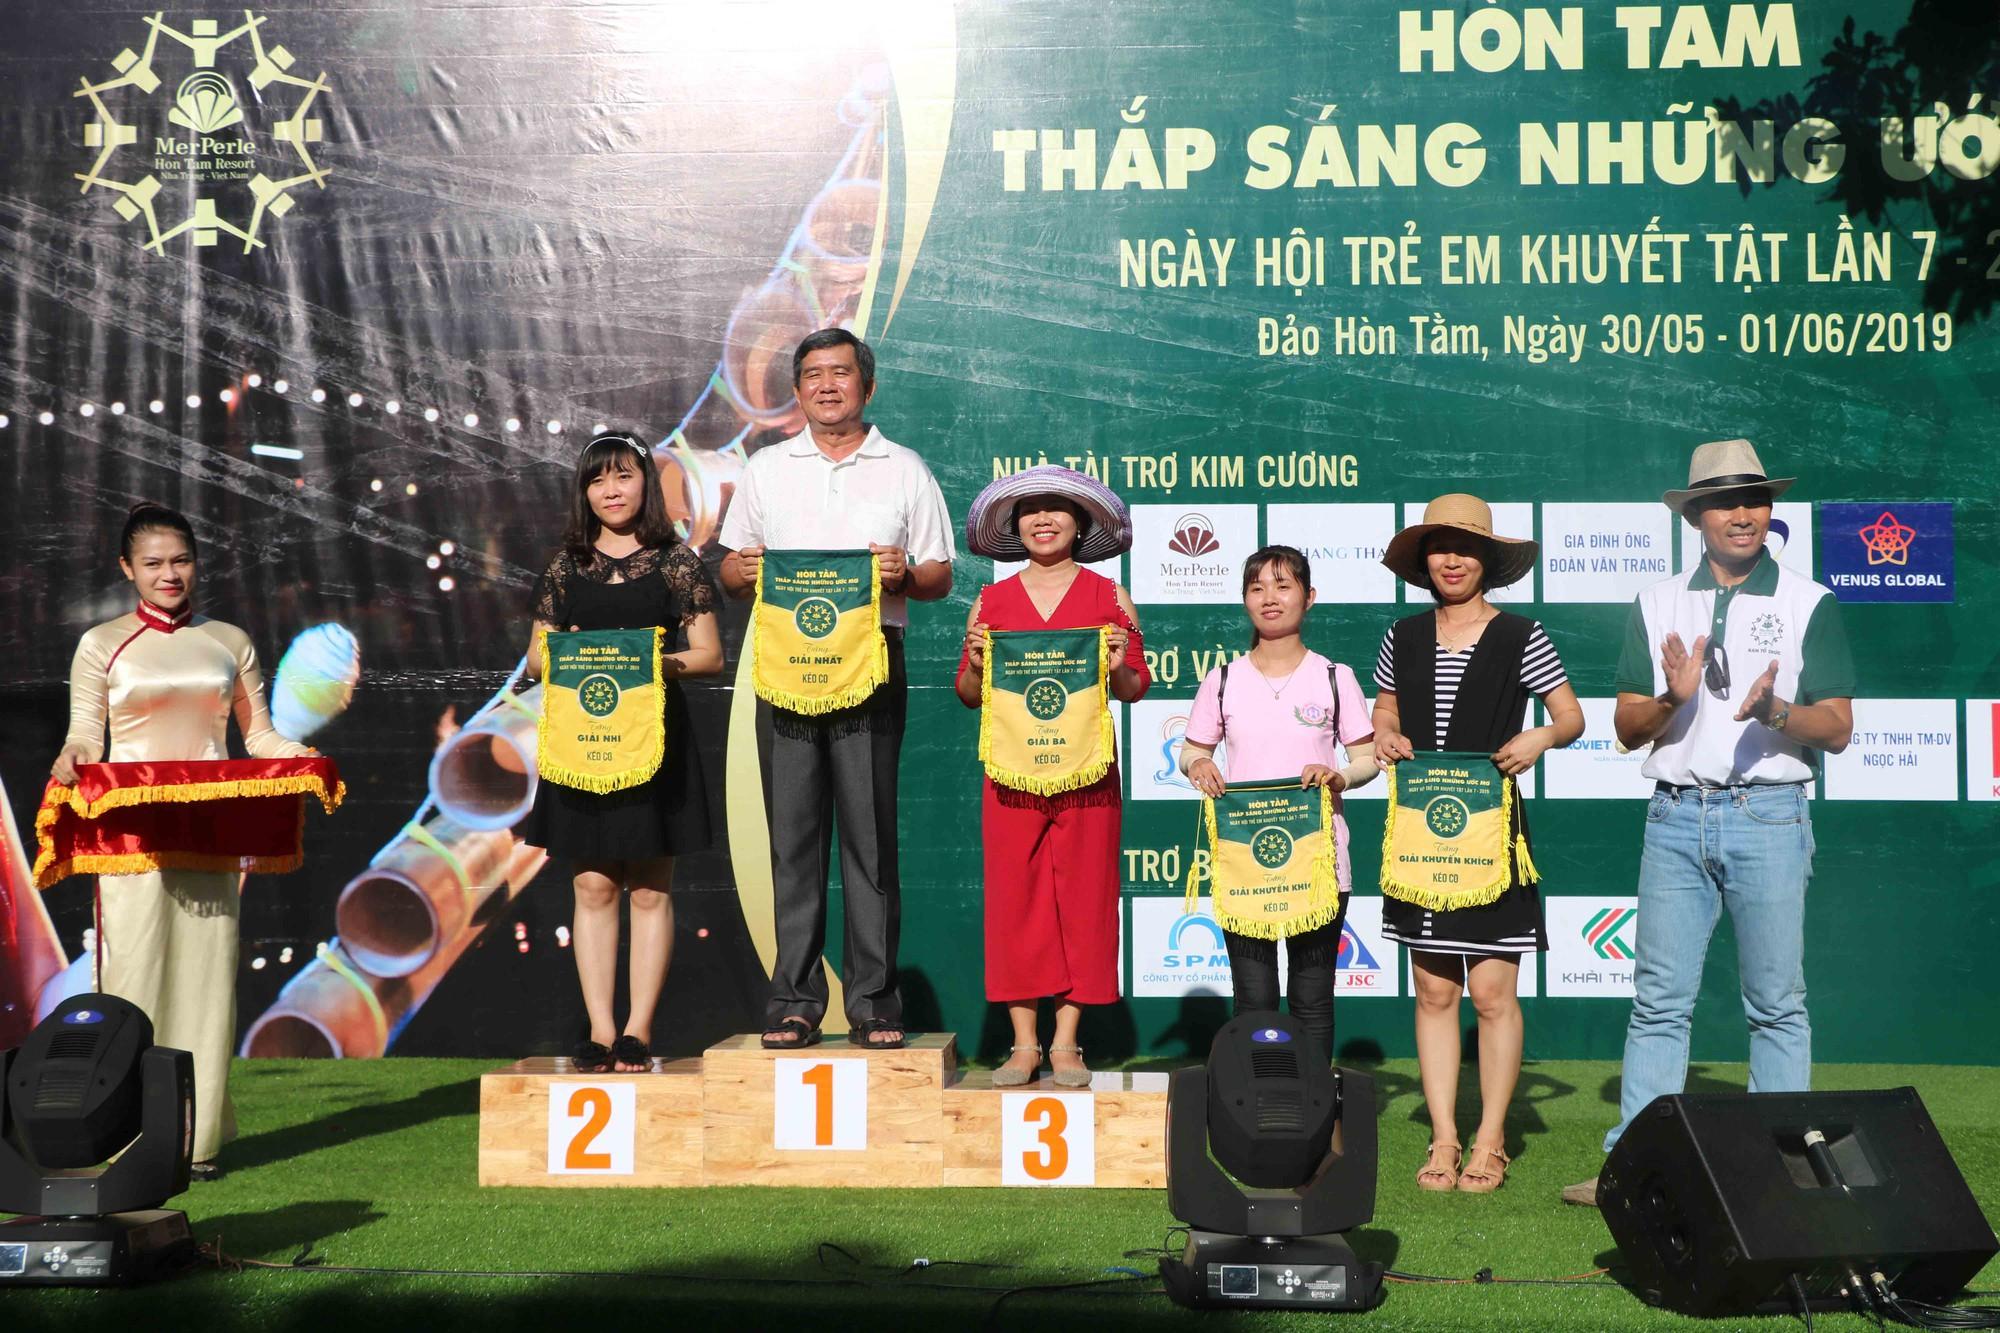 Gần 600 thiếu nhi vui chơi hết mình trong ngày Hội trẻ em khuyết tật lần tại Nha Trang - Ảnh 11.